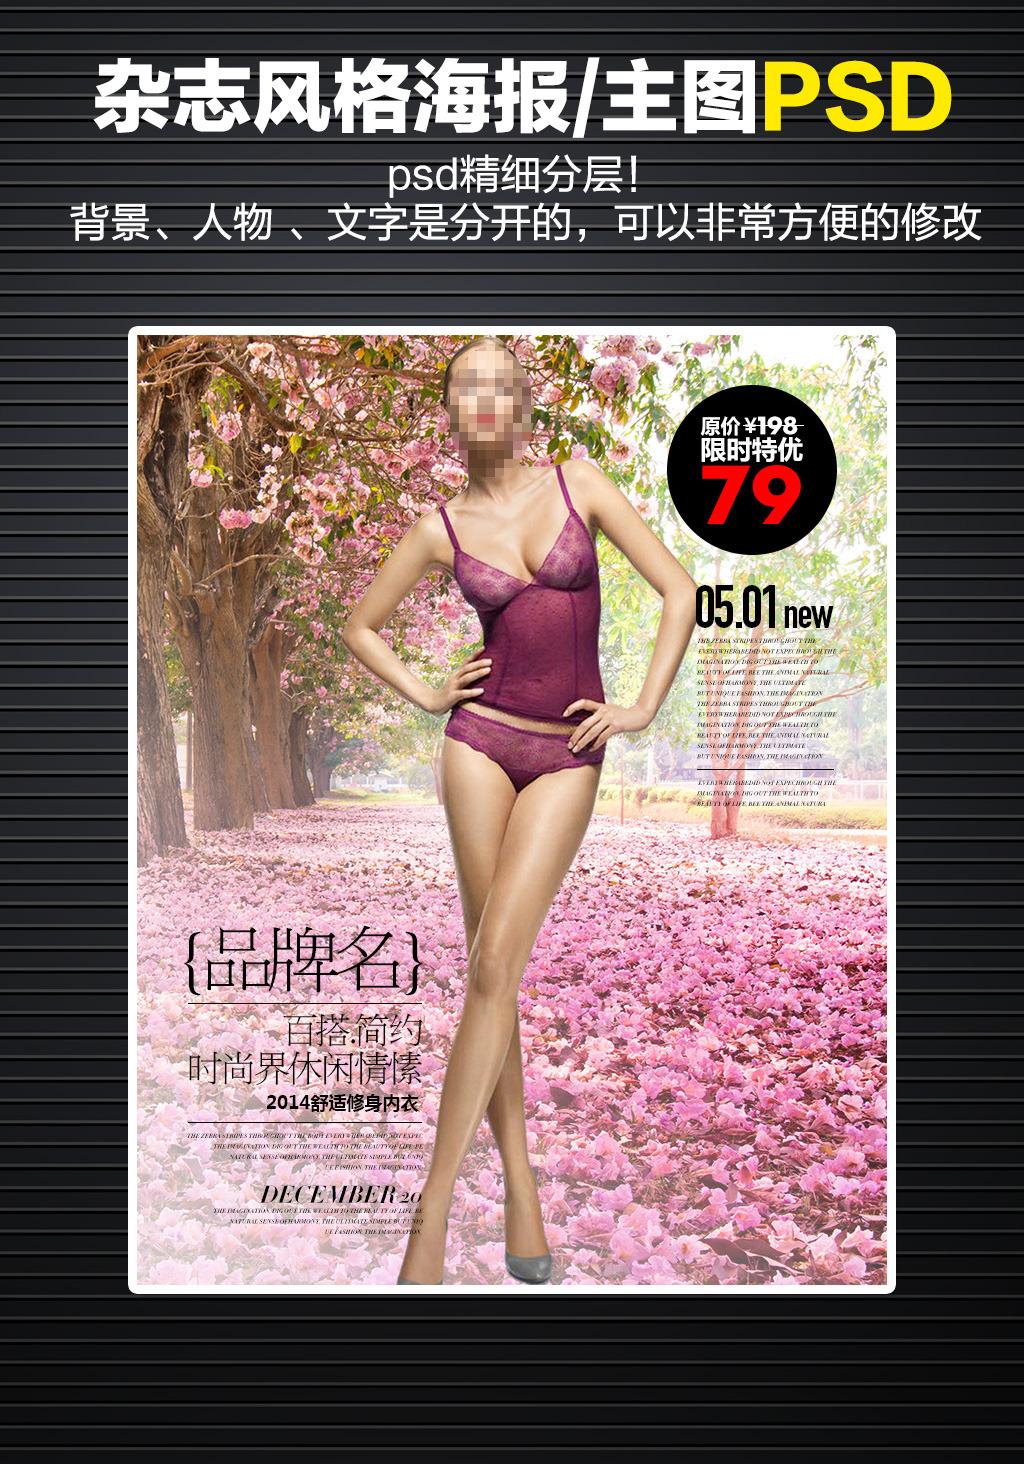 时尚杂志封面风格主图 模板 /海报 ps d-ps杂志封面模板图片